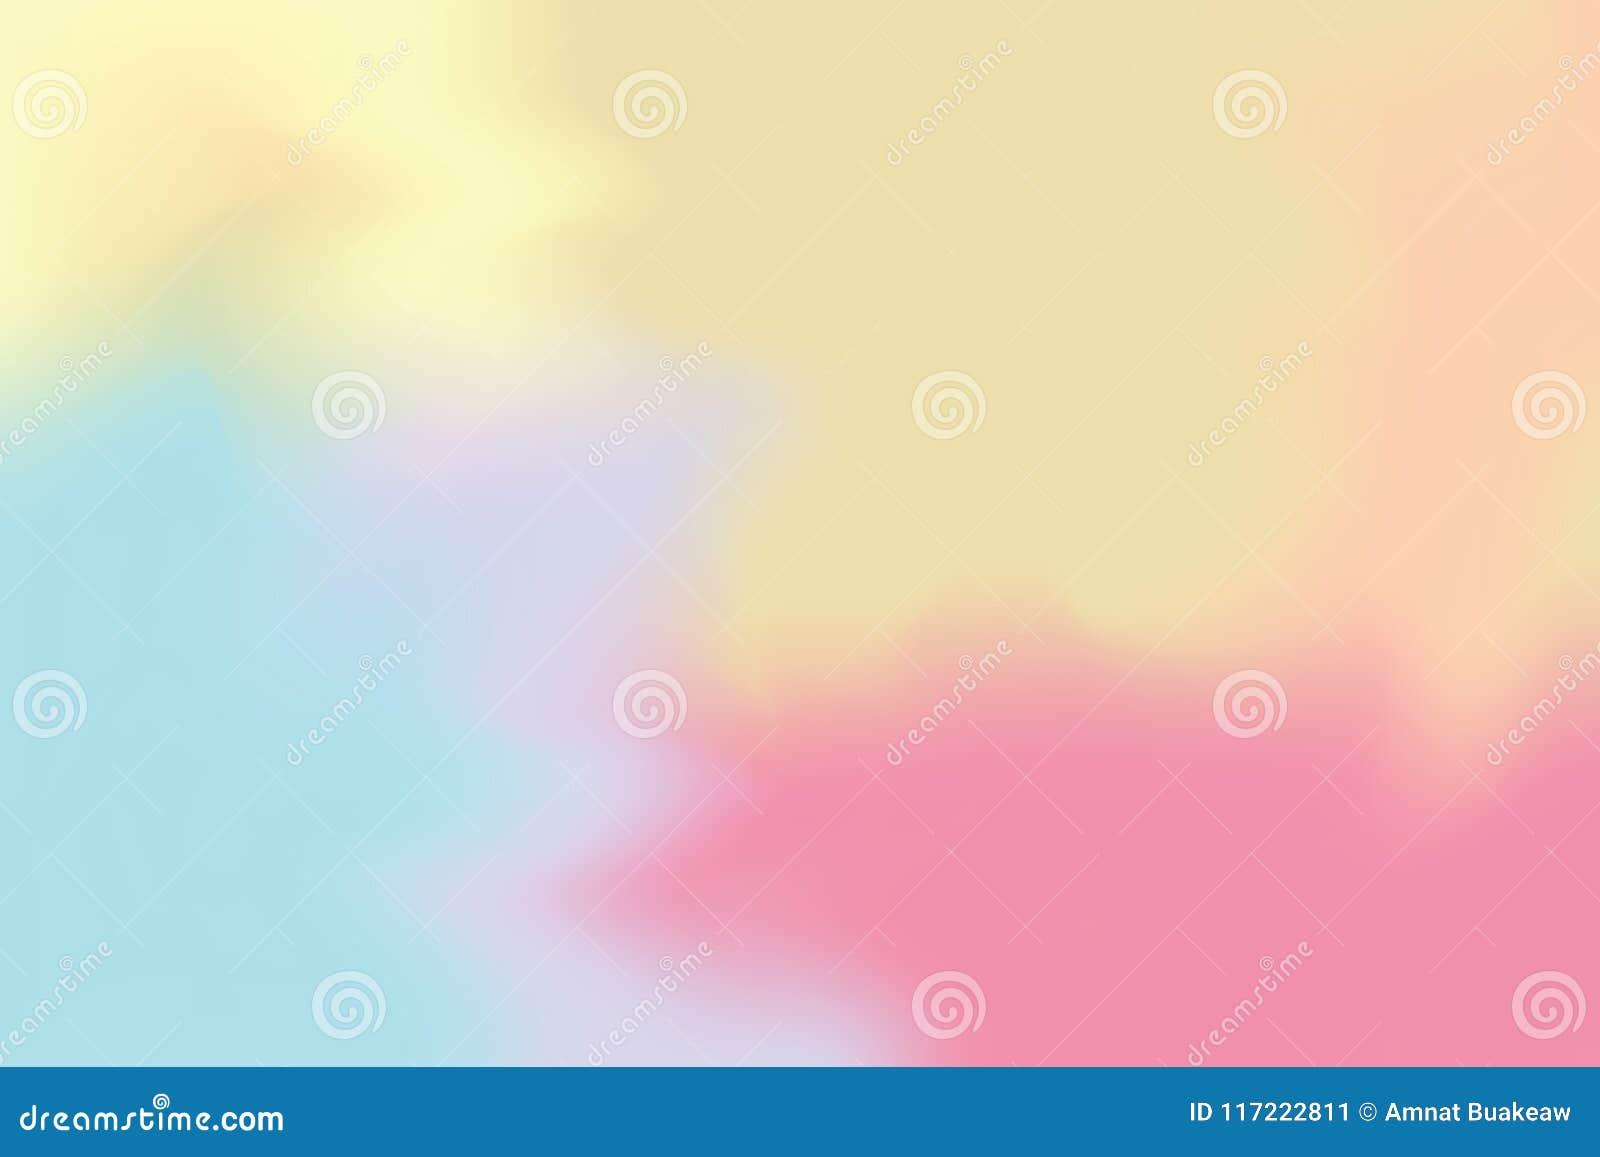 För bakgrundsmålning för blå gul rosa mjuk färg blandat abstrakt begrepp för pastell för konst, färgrik konsttapet